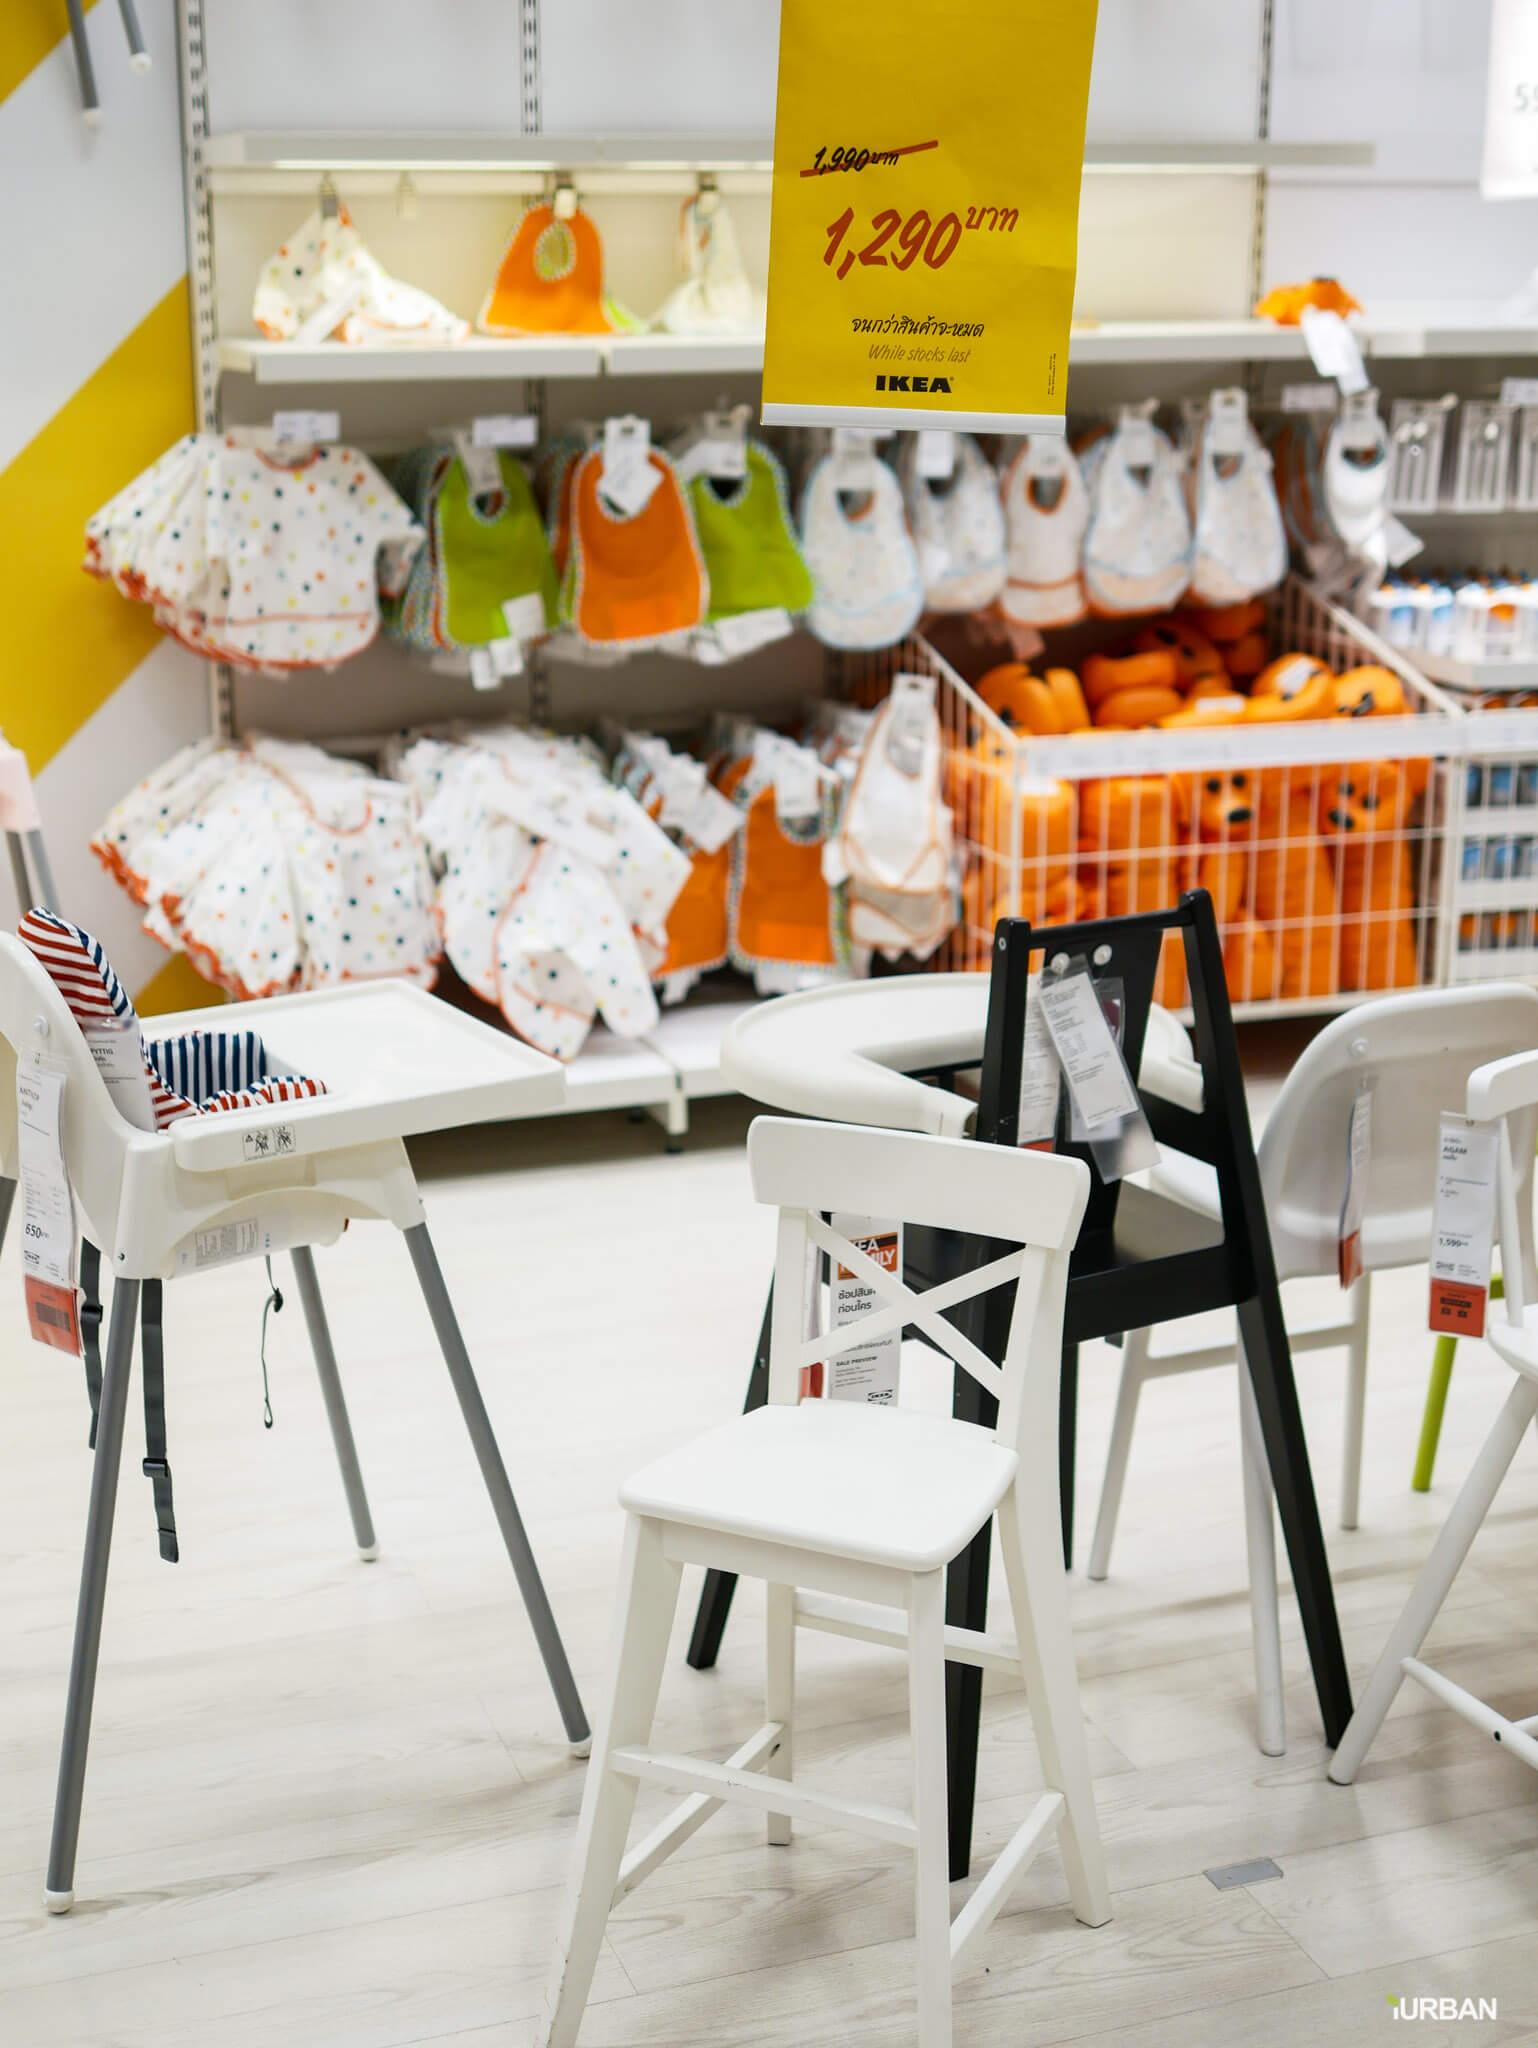 มันเยอะมากกกก!! IKEA Year End SALE 2017 รวมของเซลในอิเกีย ลดเยอะ ลดแหลก รีบพุ่งตัวไป วันนี้ - 7 มกราคม 61 92 - IKEA (อิเกีย)